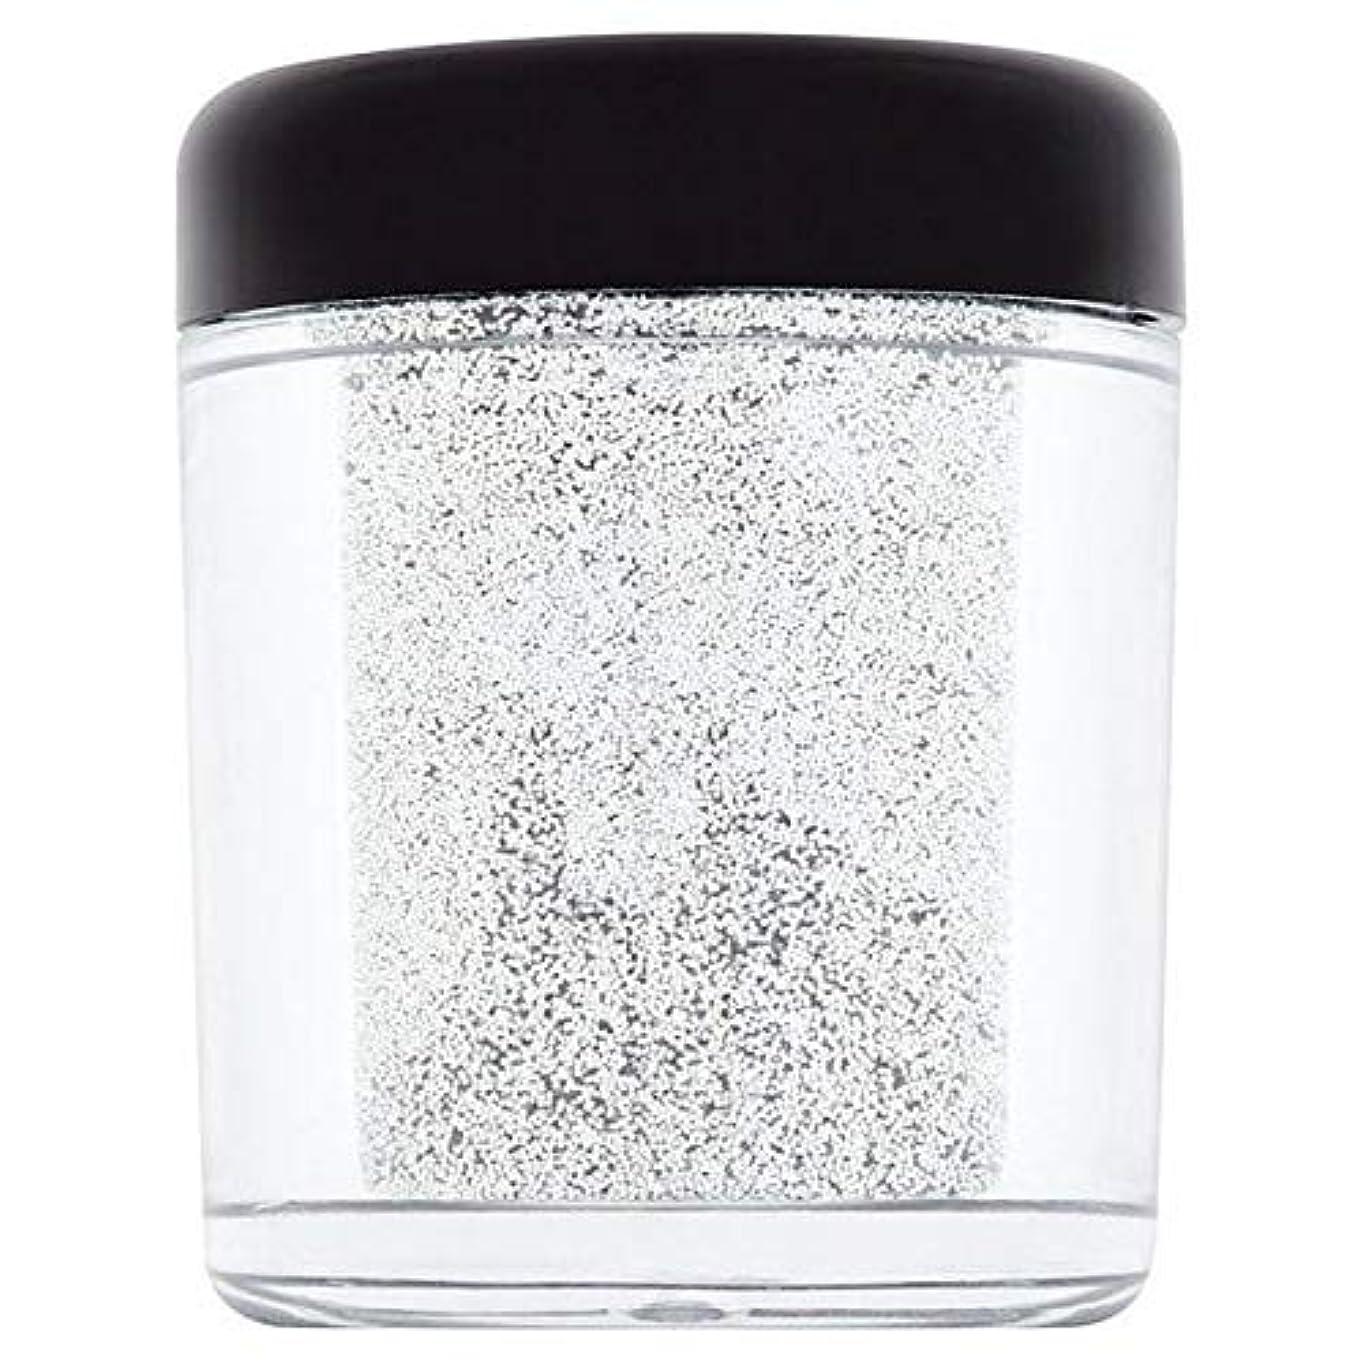 エキスパート愛人兄[Collection ] 天使2を回収グラムの結晶は、フェイス&ボディの輝きが落ち - Collection Glam Crystals Face & Body Glitter Fallen Angel 2 [並行輸入品]